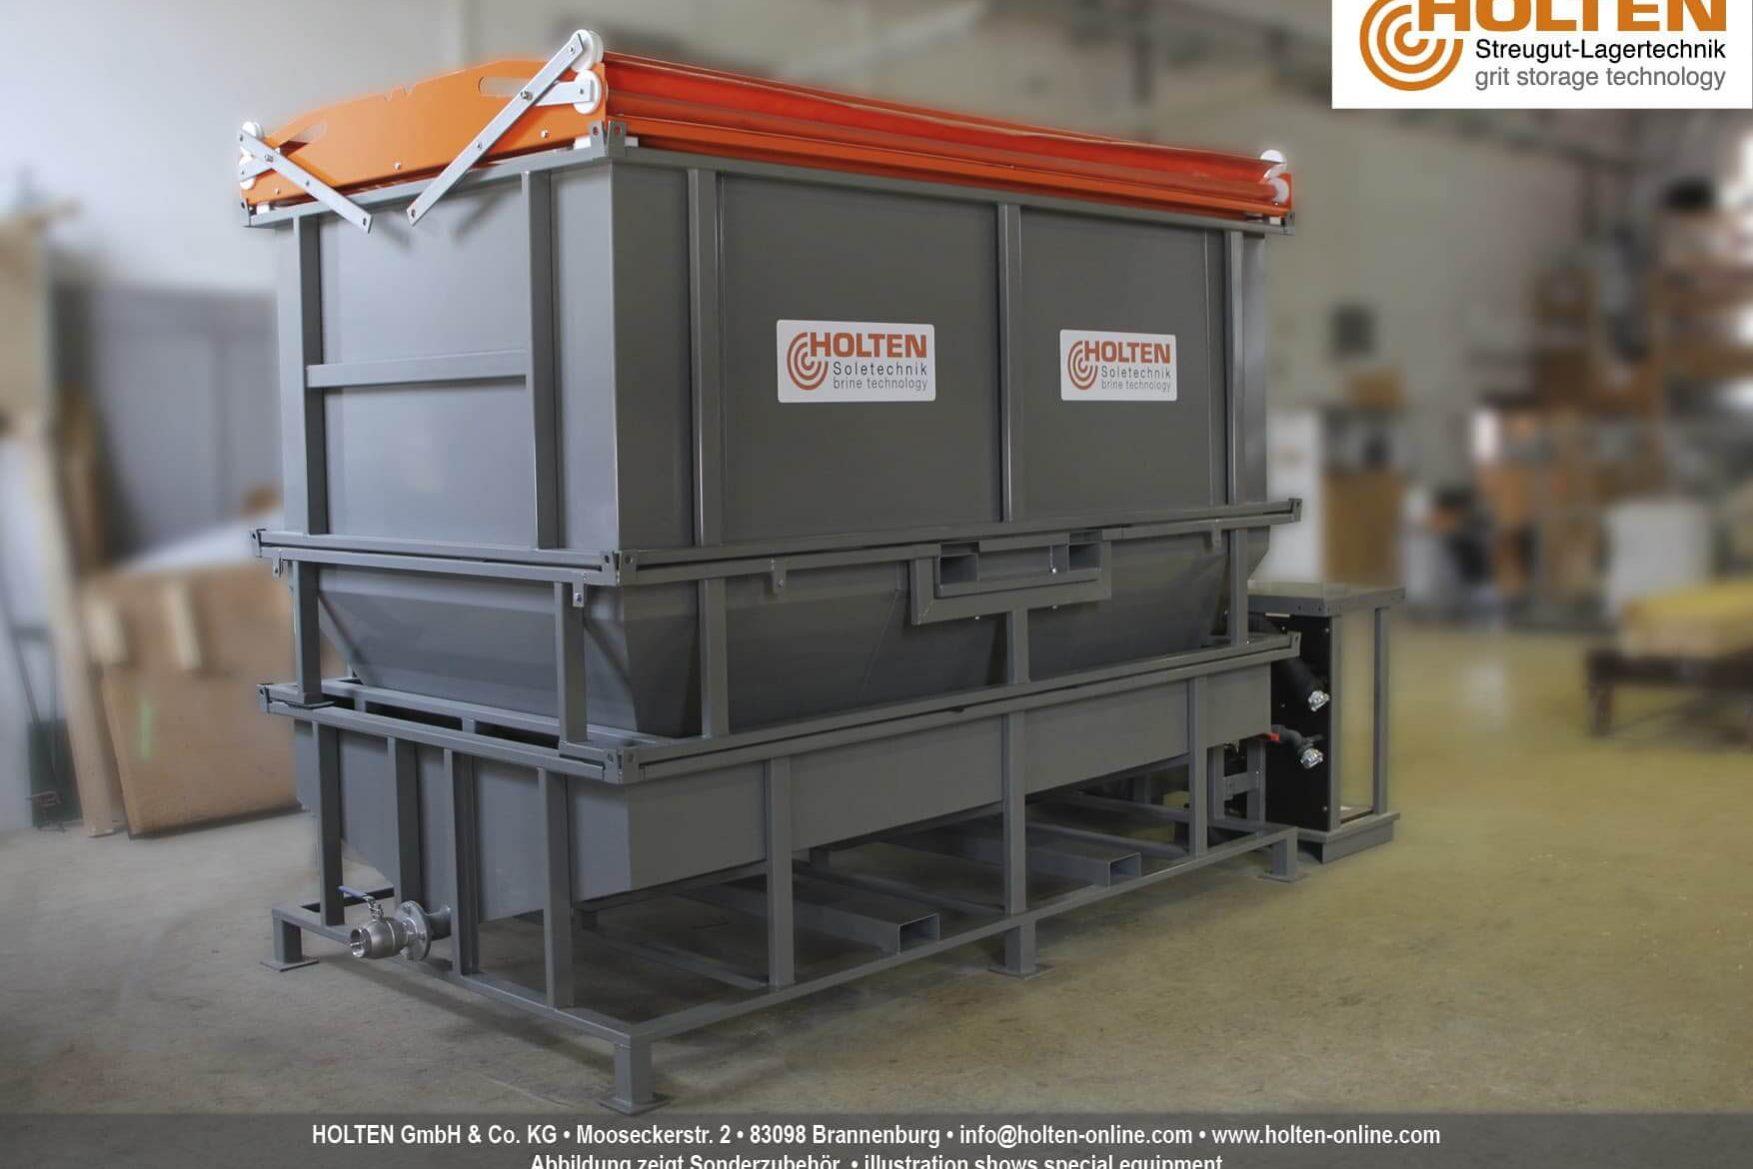 Vollständig aufgebauter Soleerzeuger B6 in einer Fertigungshalle